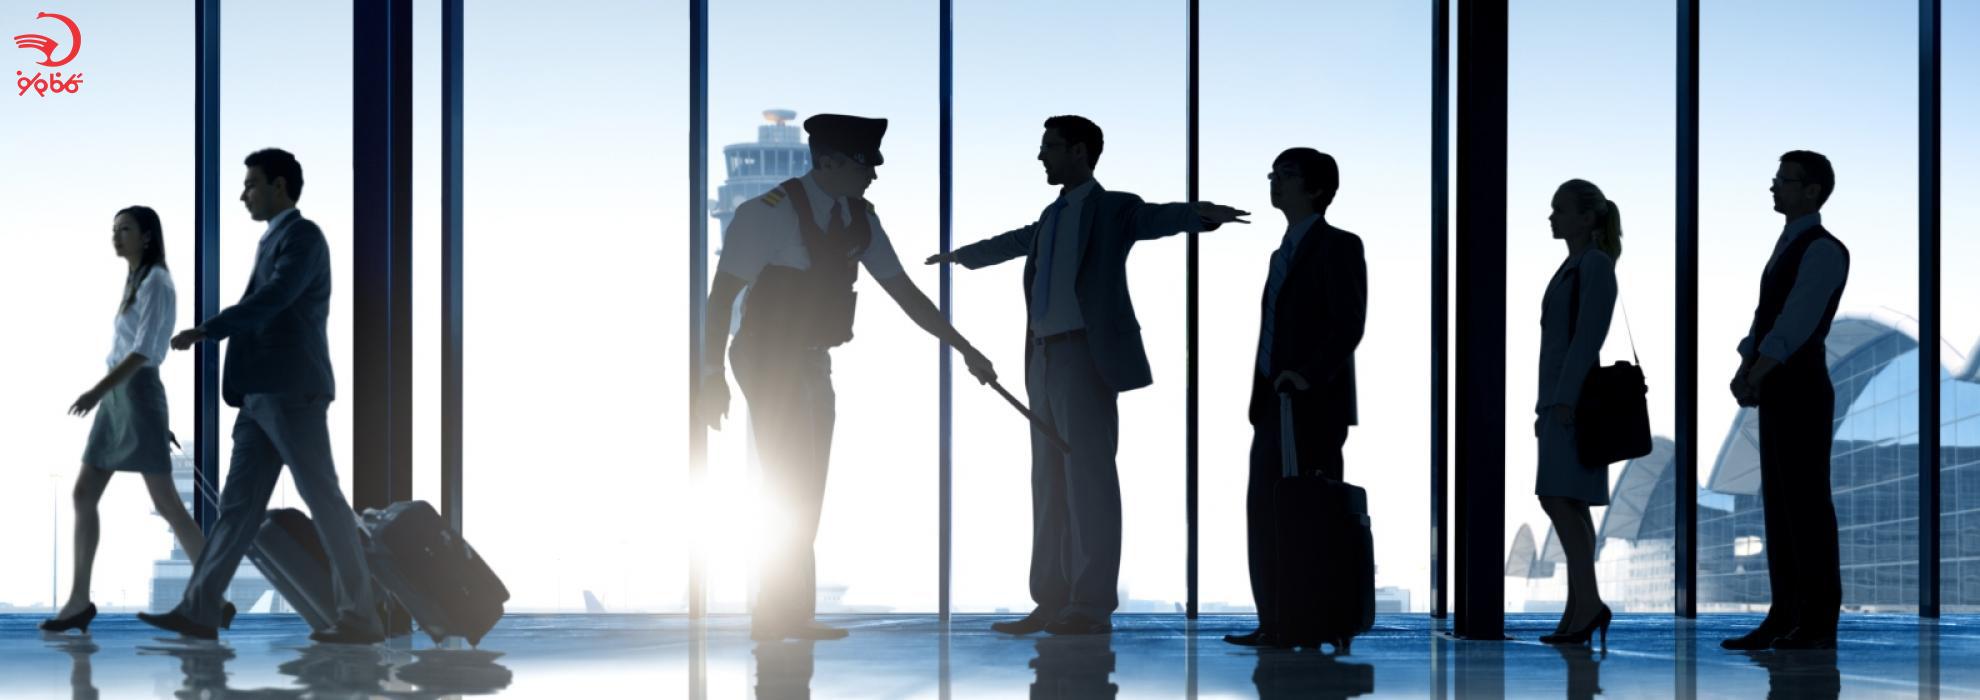 قانون اساسی آداب و معاشرت در هواپیما